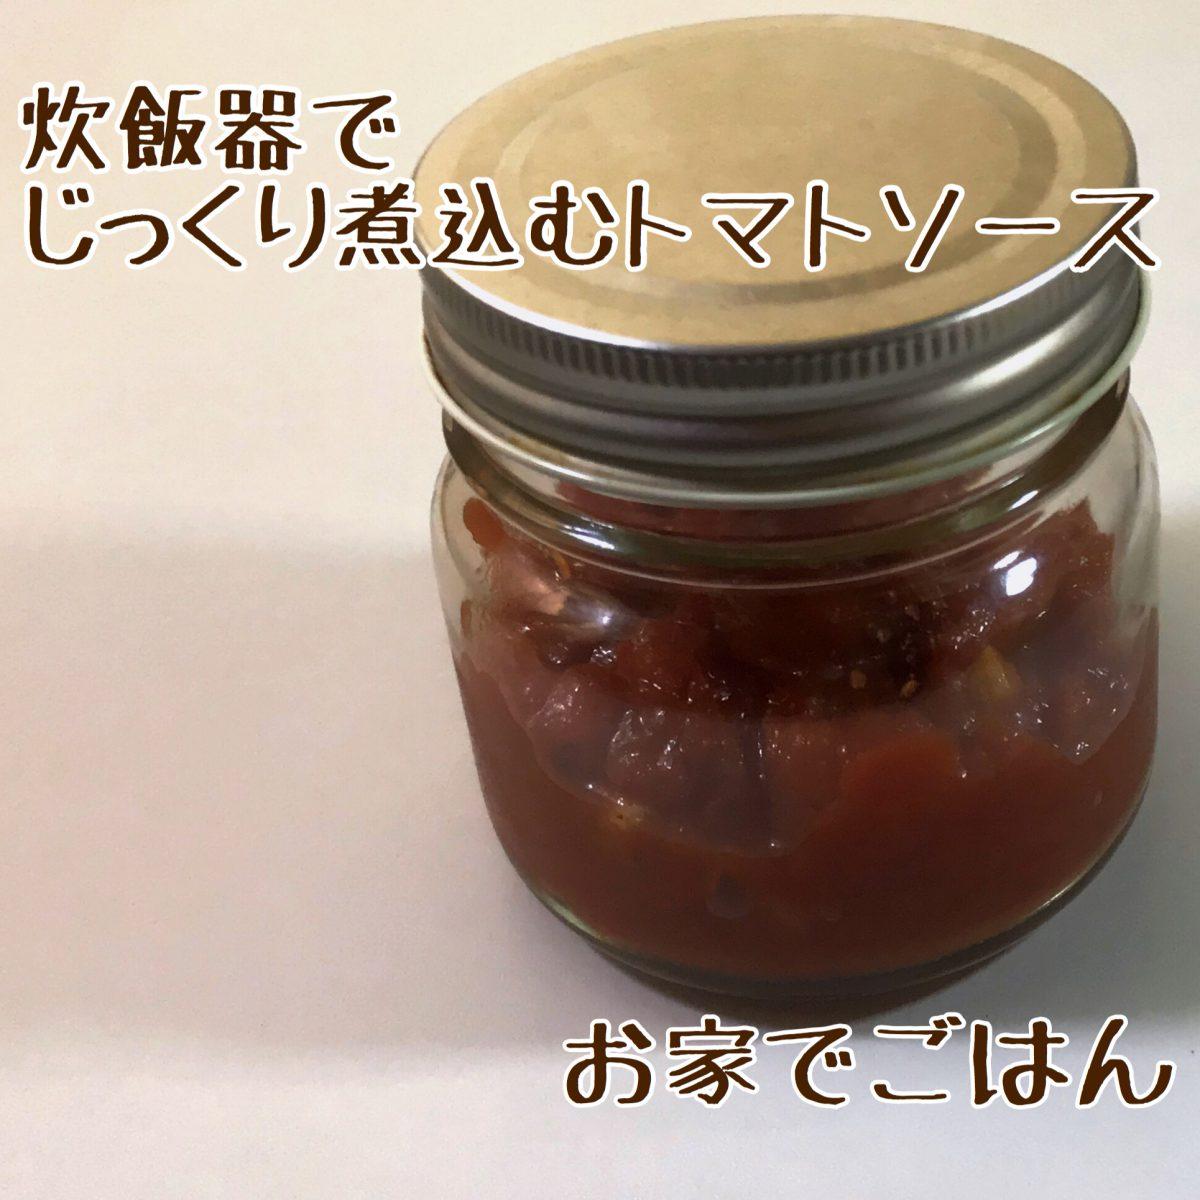 炊飯器でじっくり煮込むトマトソース